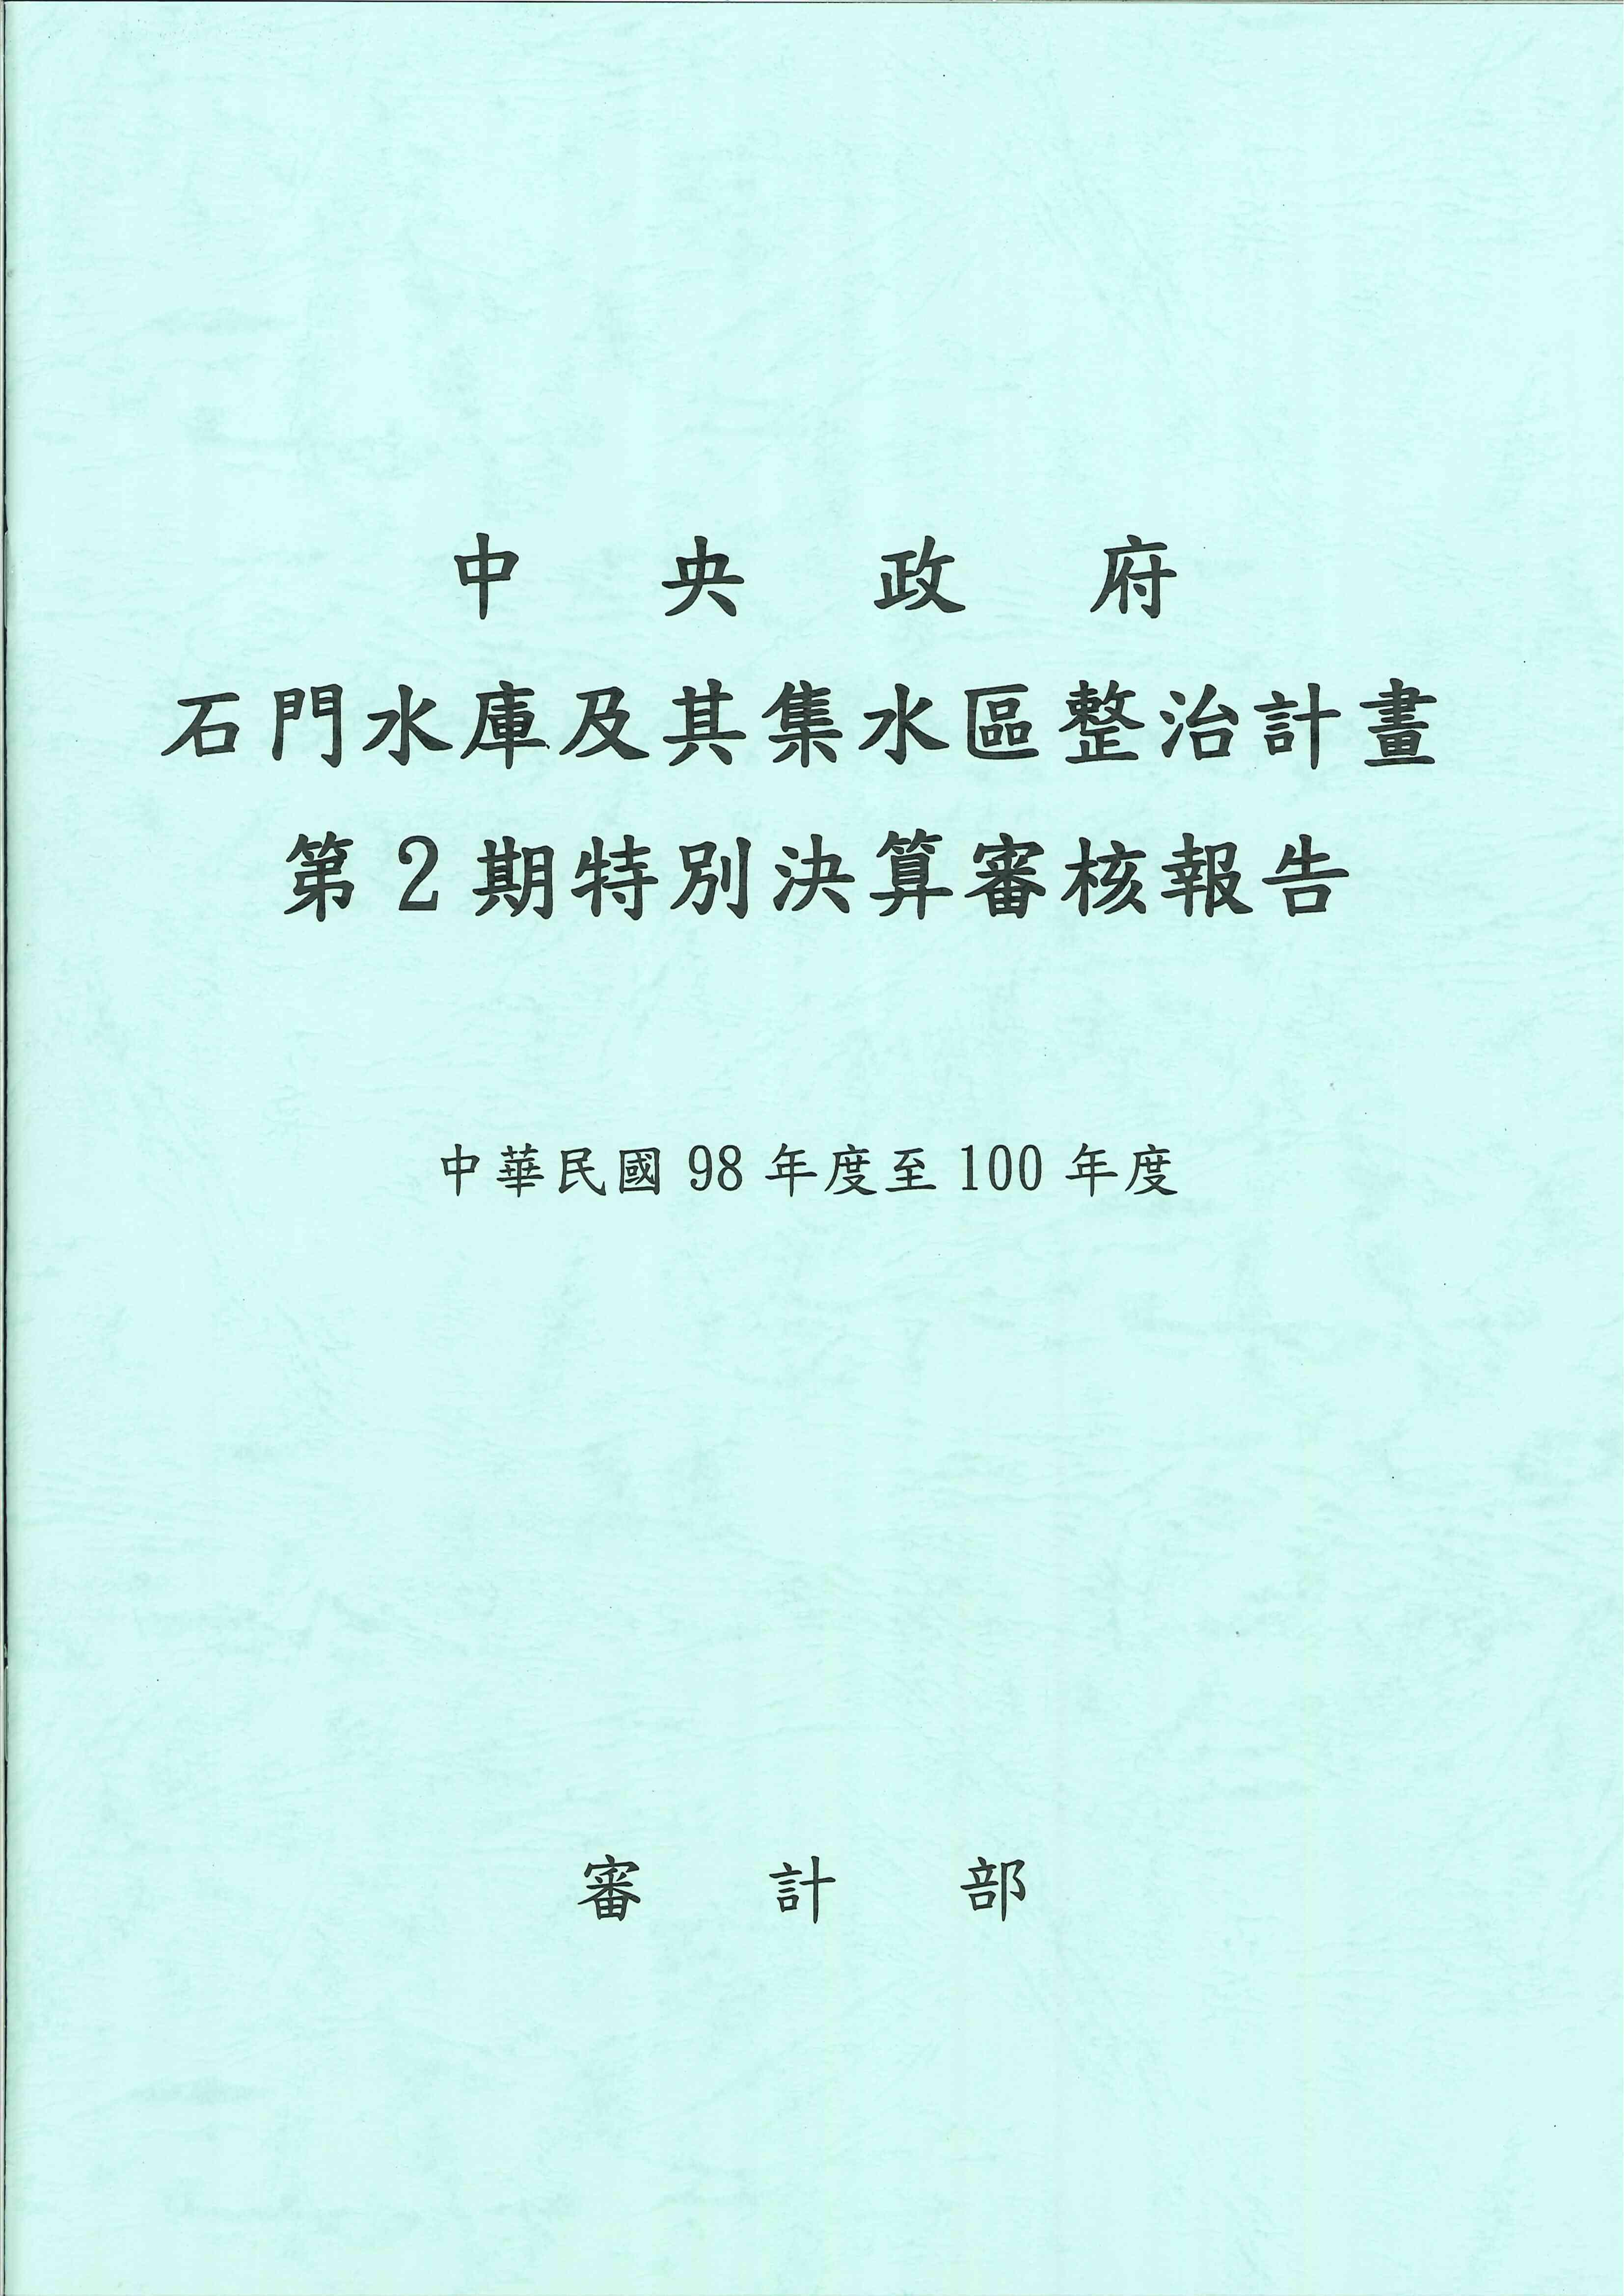 中央政府石門水庫及其集水區整治計畫第2期特別決算審核報告:中華民國98年度至100年度